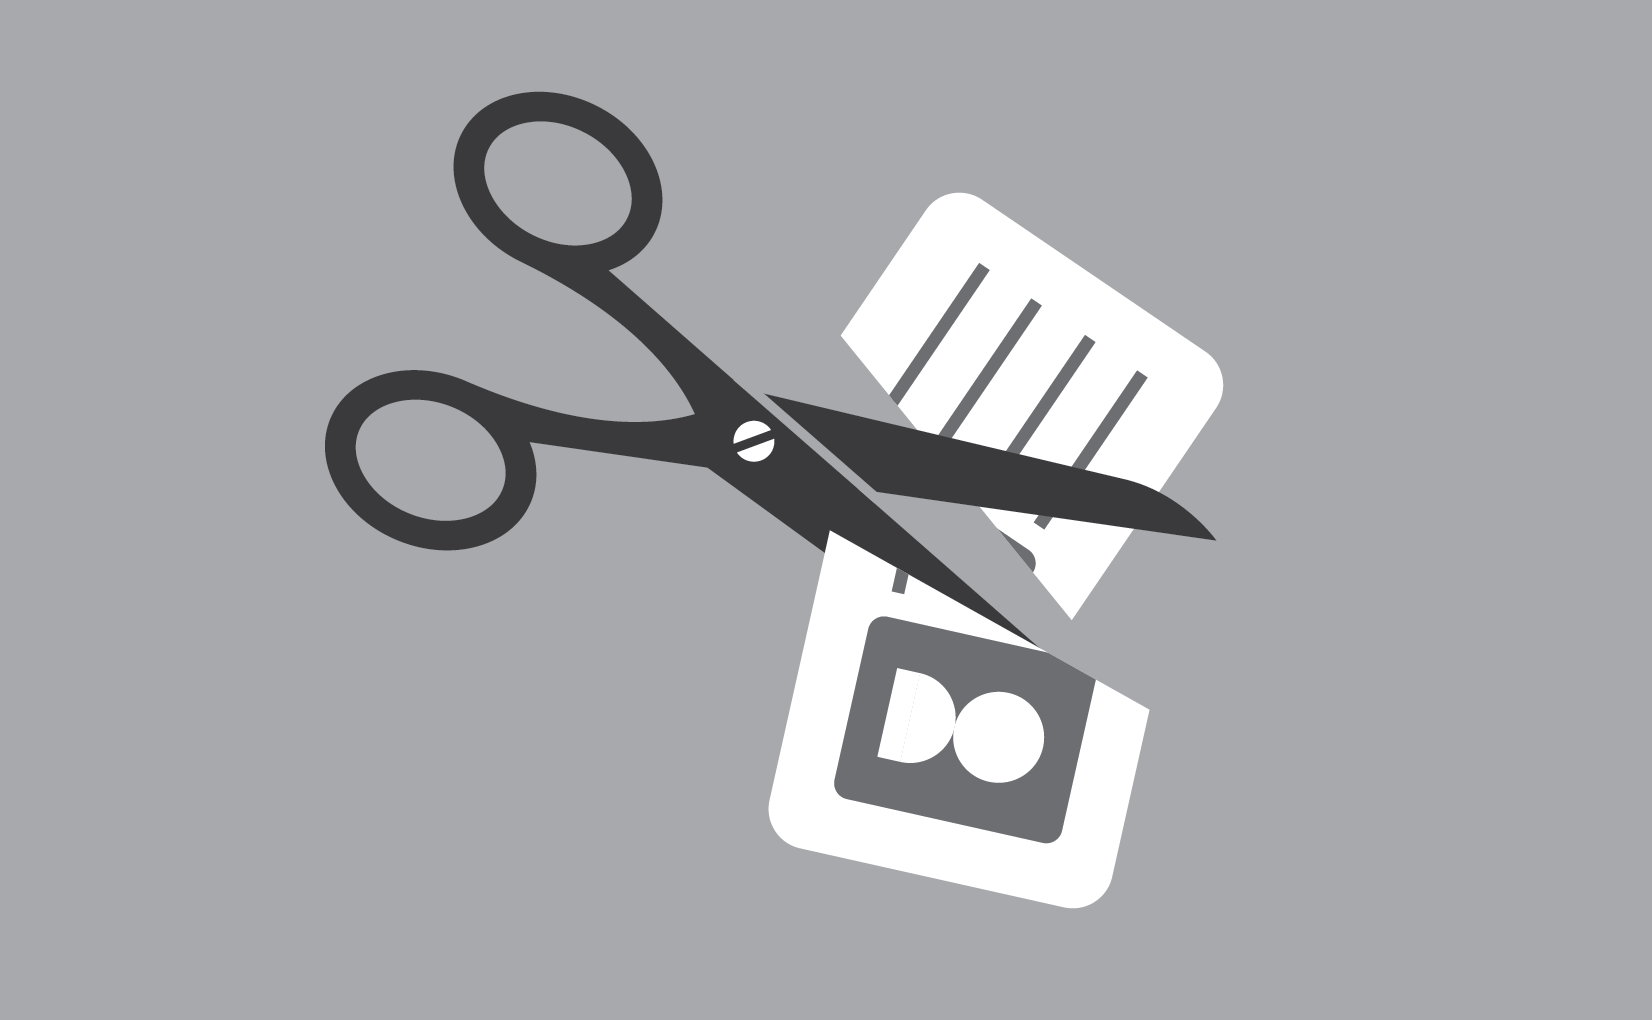 scissors cutting biz card